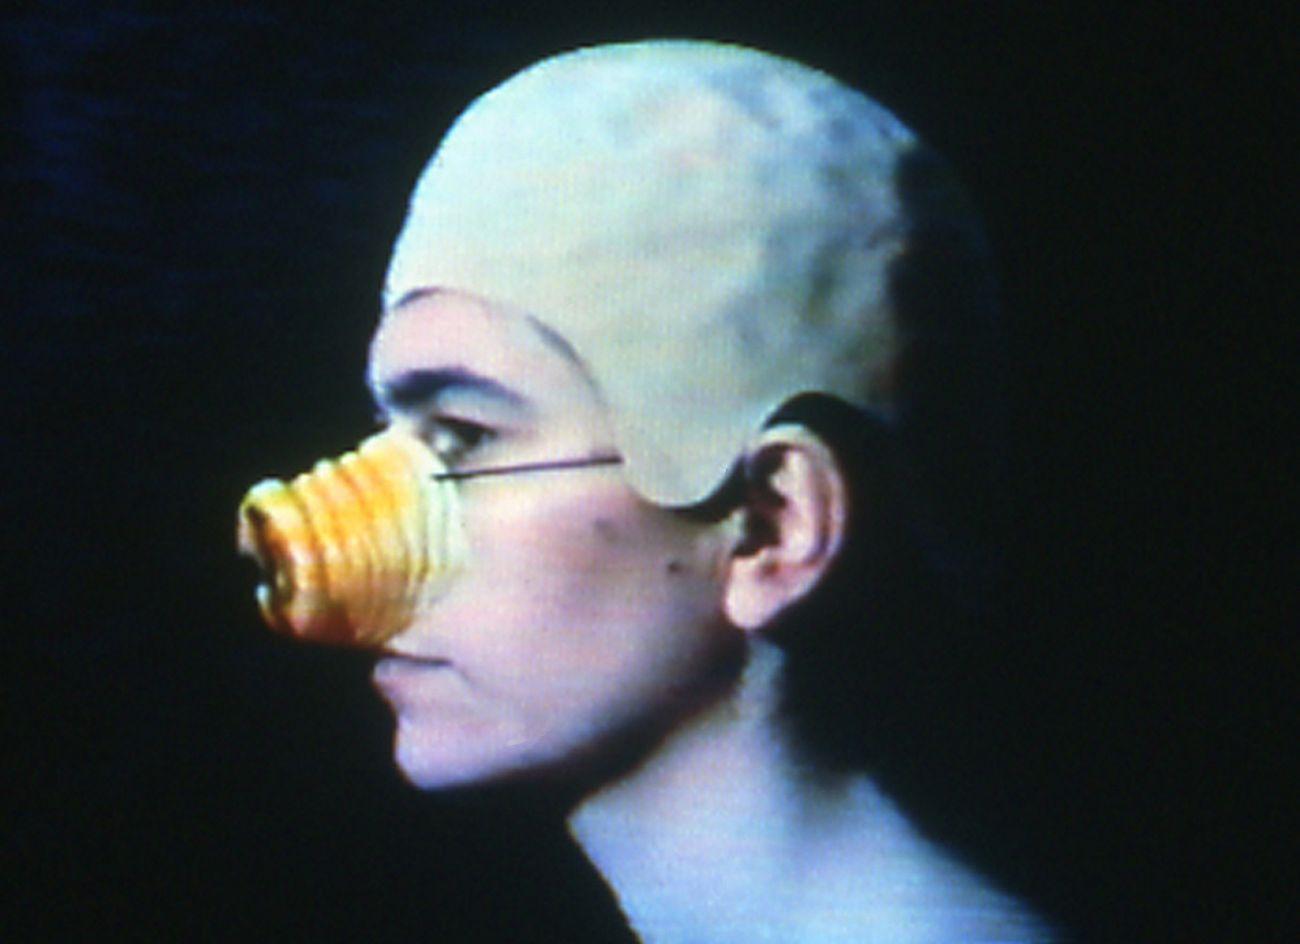 Liliana Moro, Aristocratica, 1994. Photo Serge Domingie (Firenze). Courtesy dell'artista & Castello di Rivoli